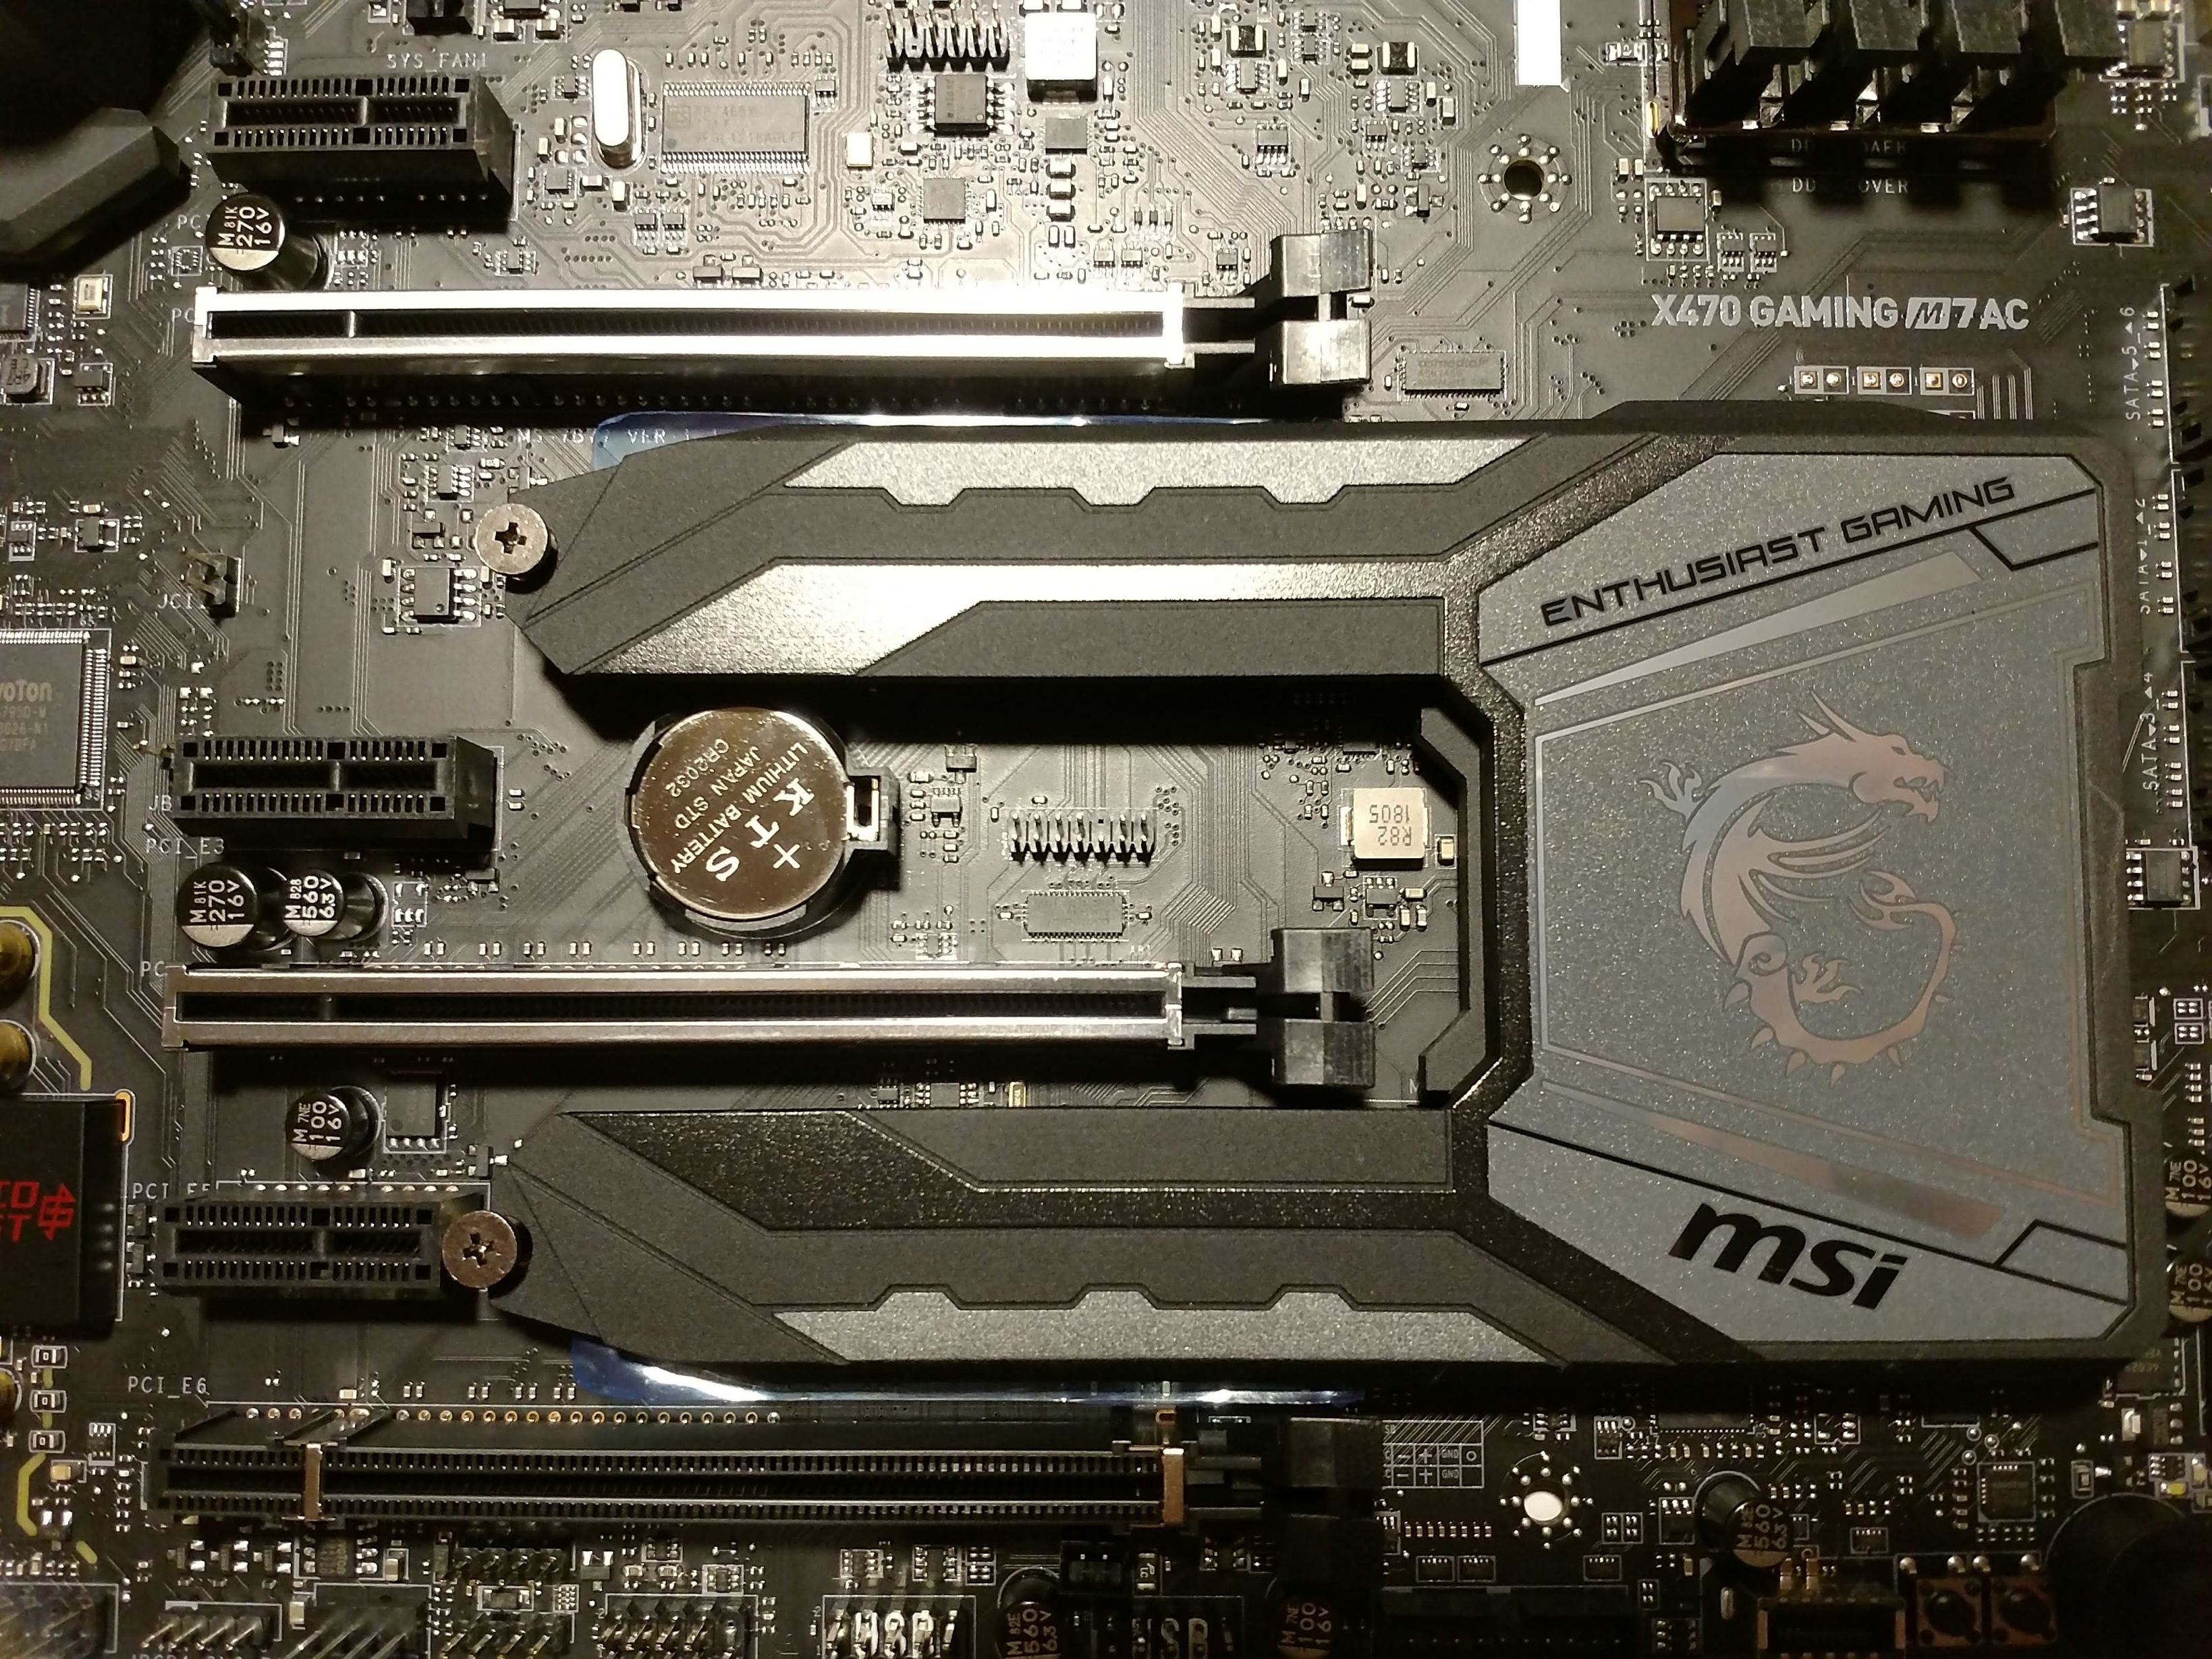 Klicken Sie auf die Grafik für eine größere Ansicht  Name:37. MSI X470 Gaming M7 AC M.2 SHIELD FROZR.jpg Hits:47 Größe:2,47 MB ID:1000582